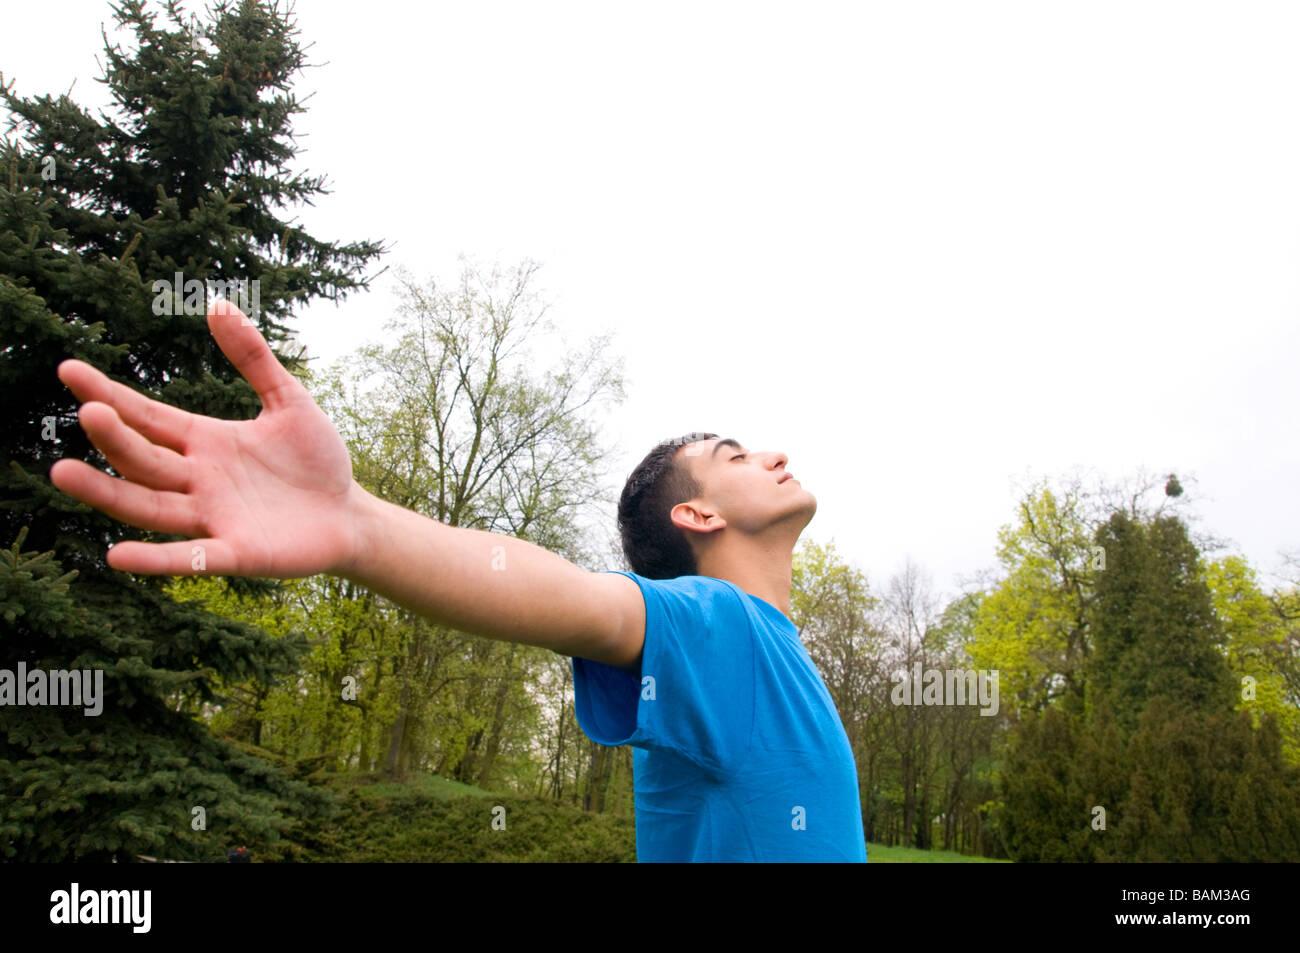 Jeune homme heureux en harmonie avec la nature Photo Stock